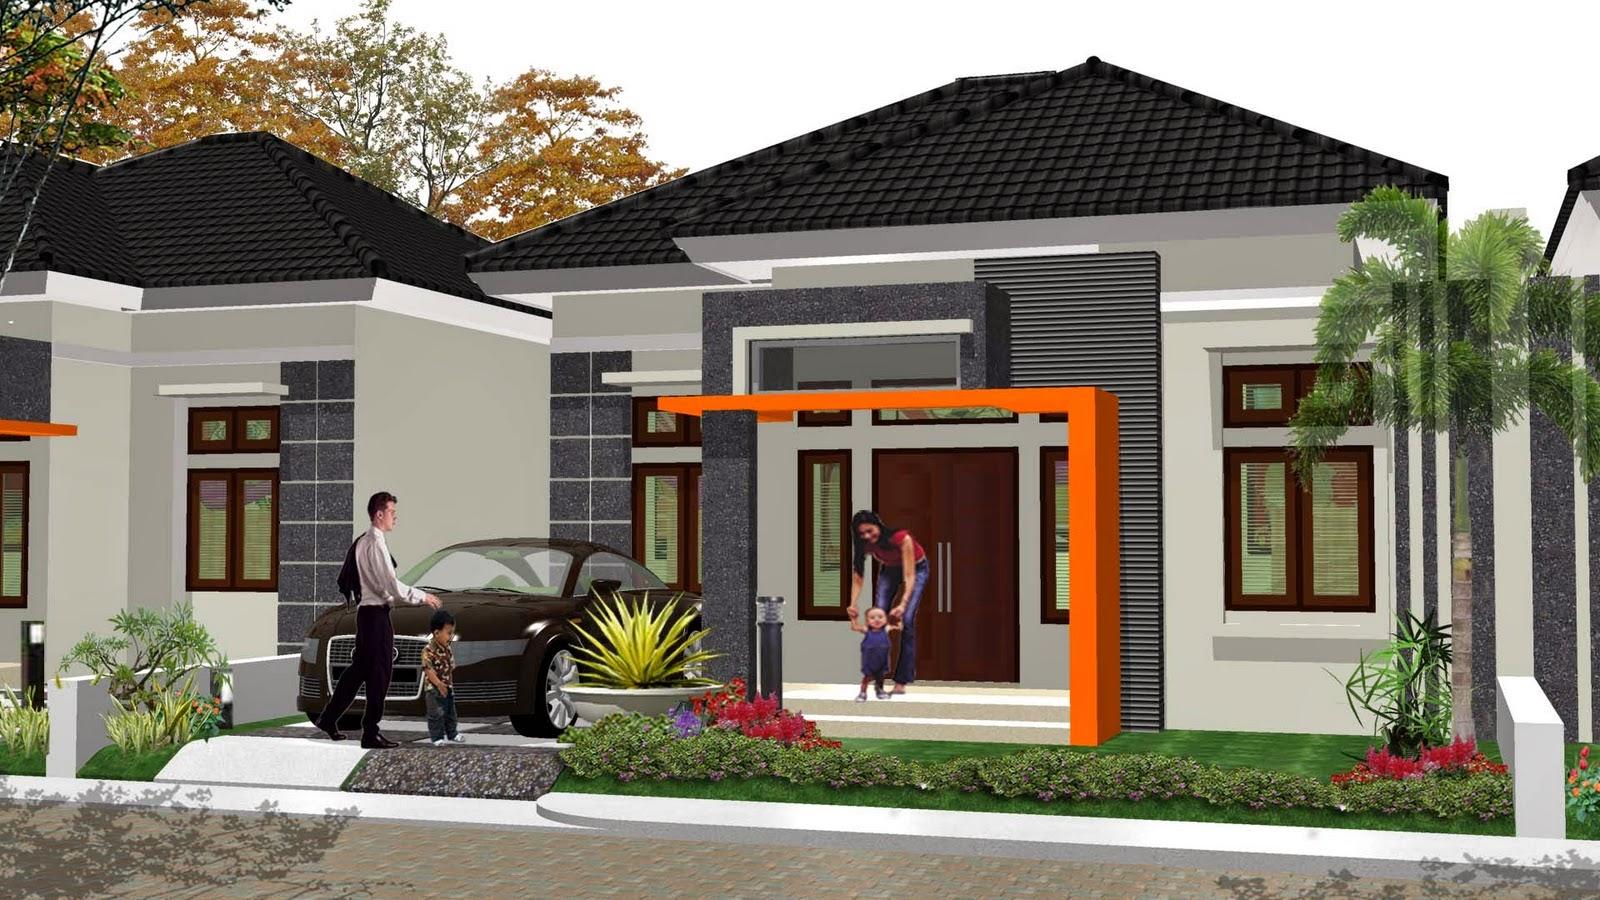 65 Desain Rumah Minimalis Ukuran 6x10  Desain Rumah Minimalis Terbaru